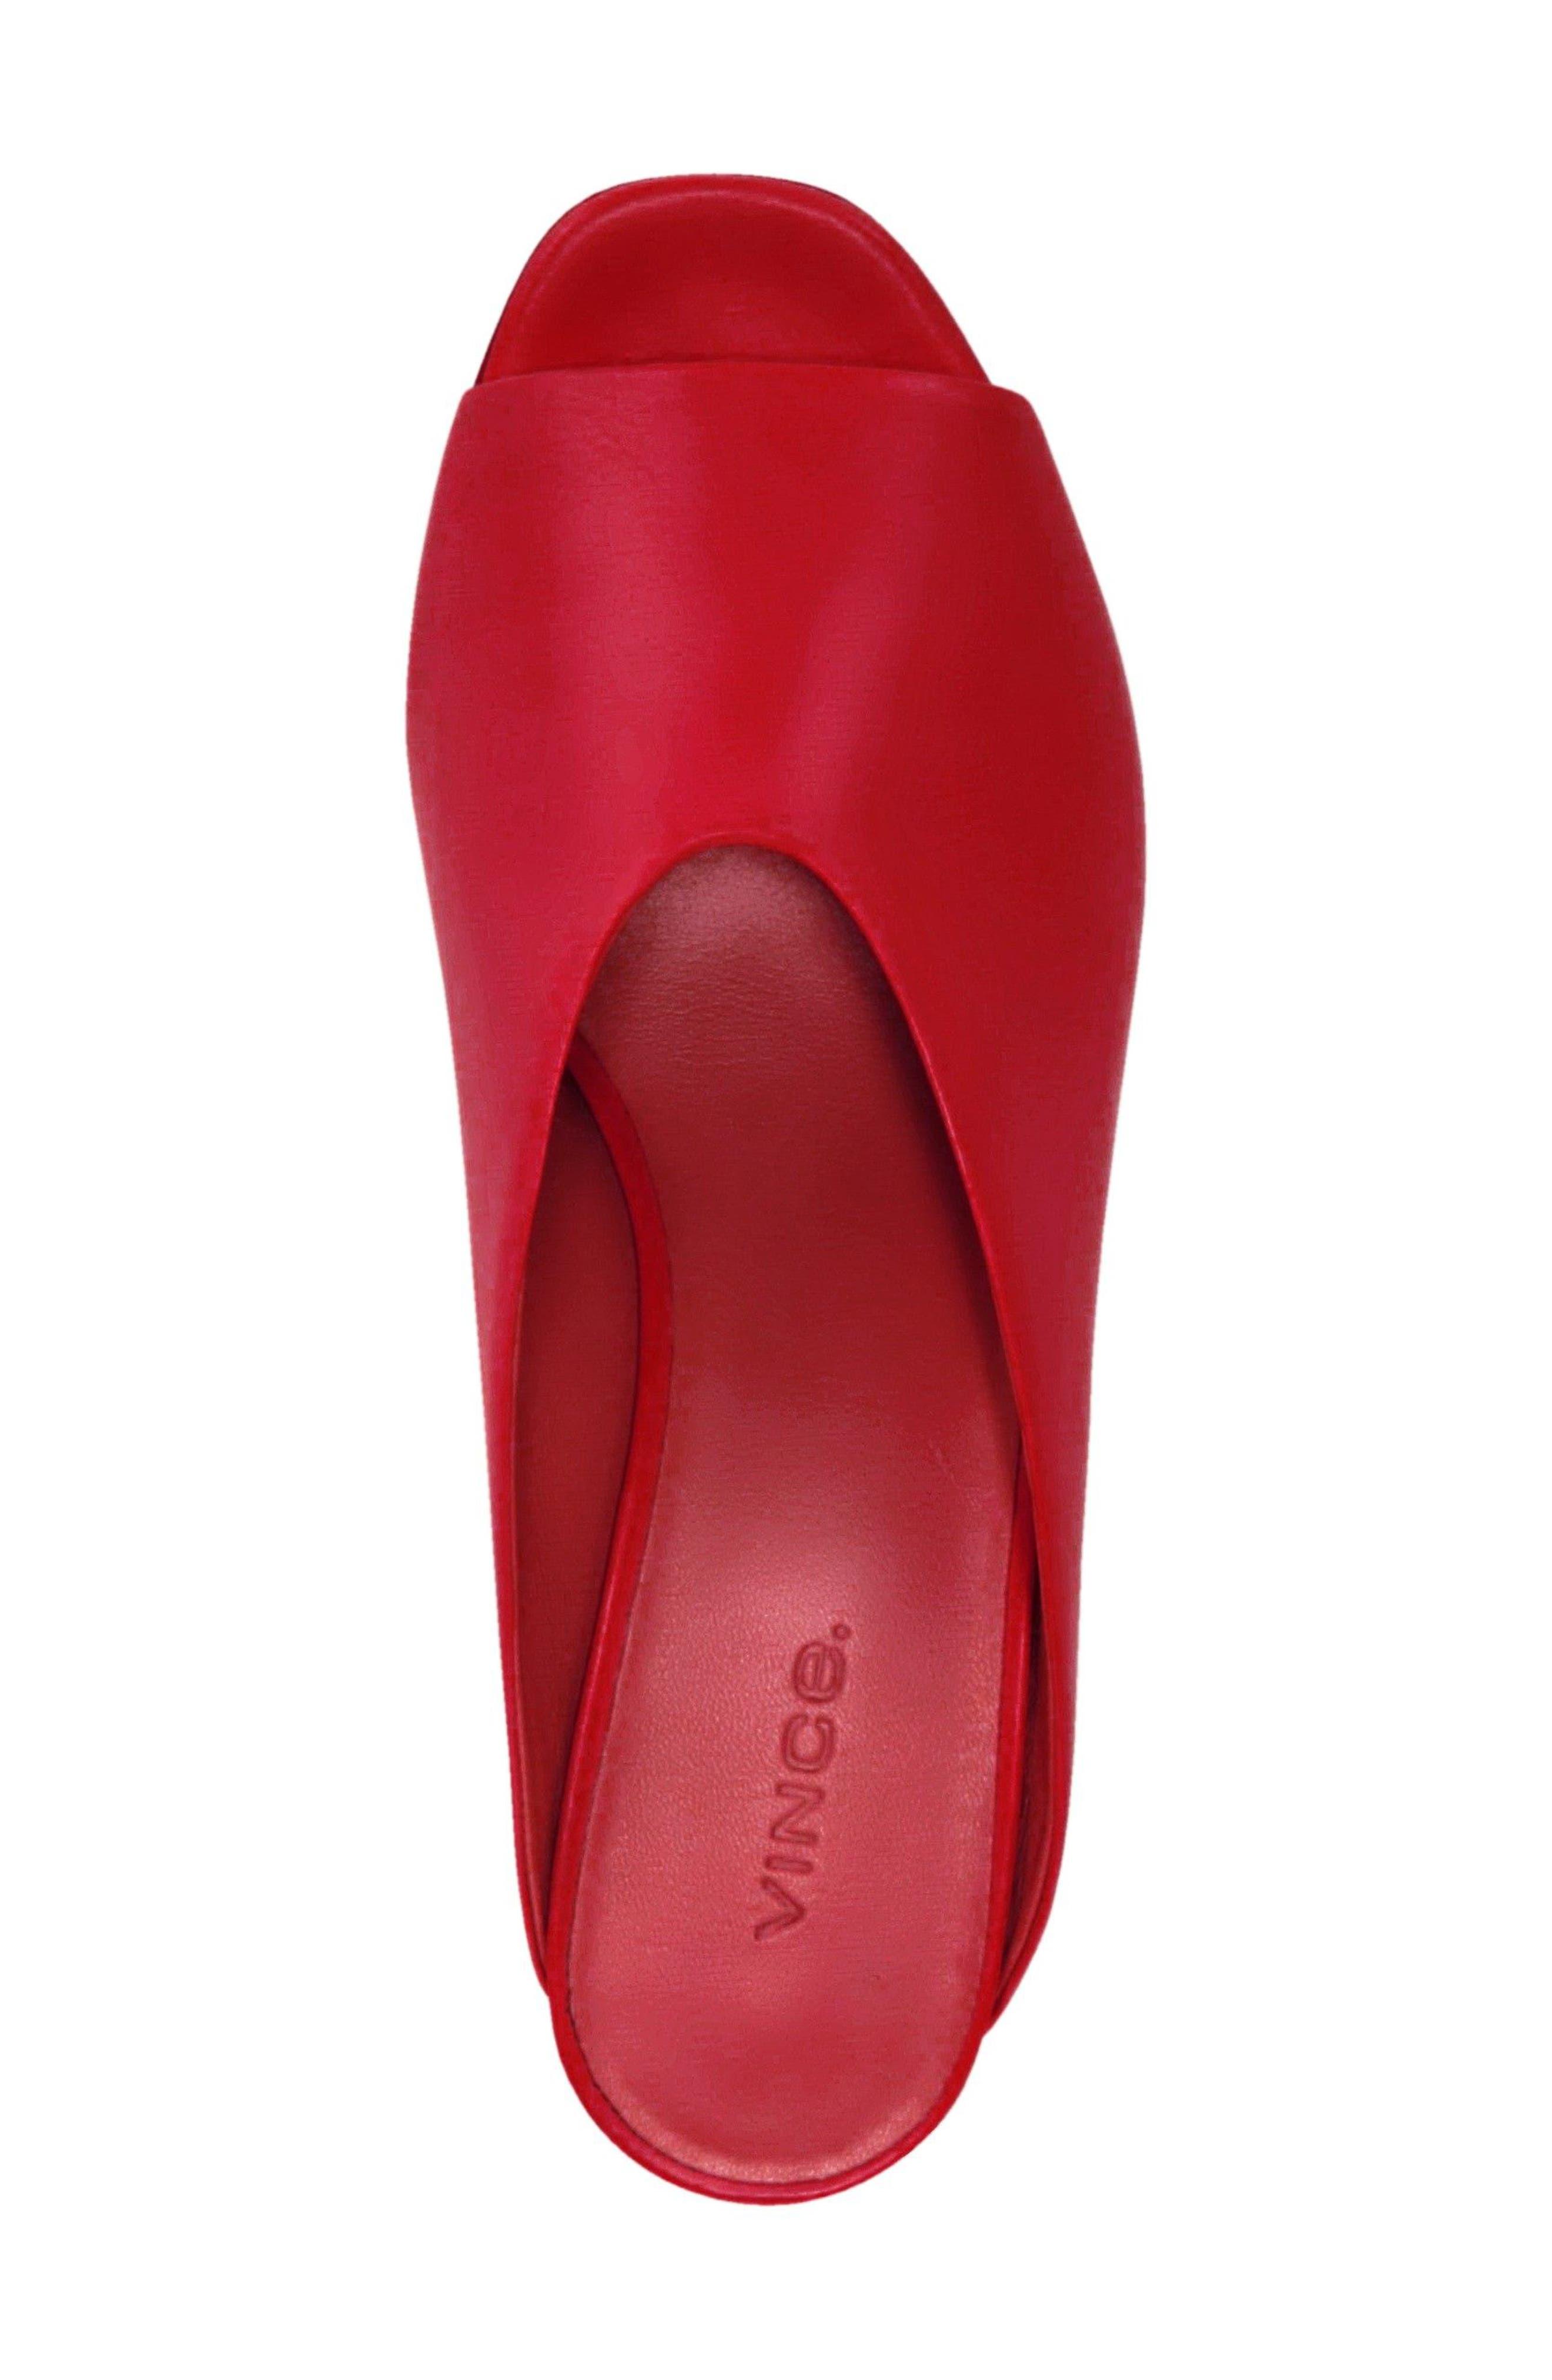 Cachet Sandal,                             Alternate thumbnail 4, color,                             Red